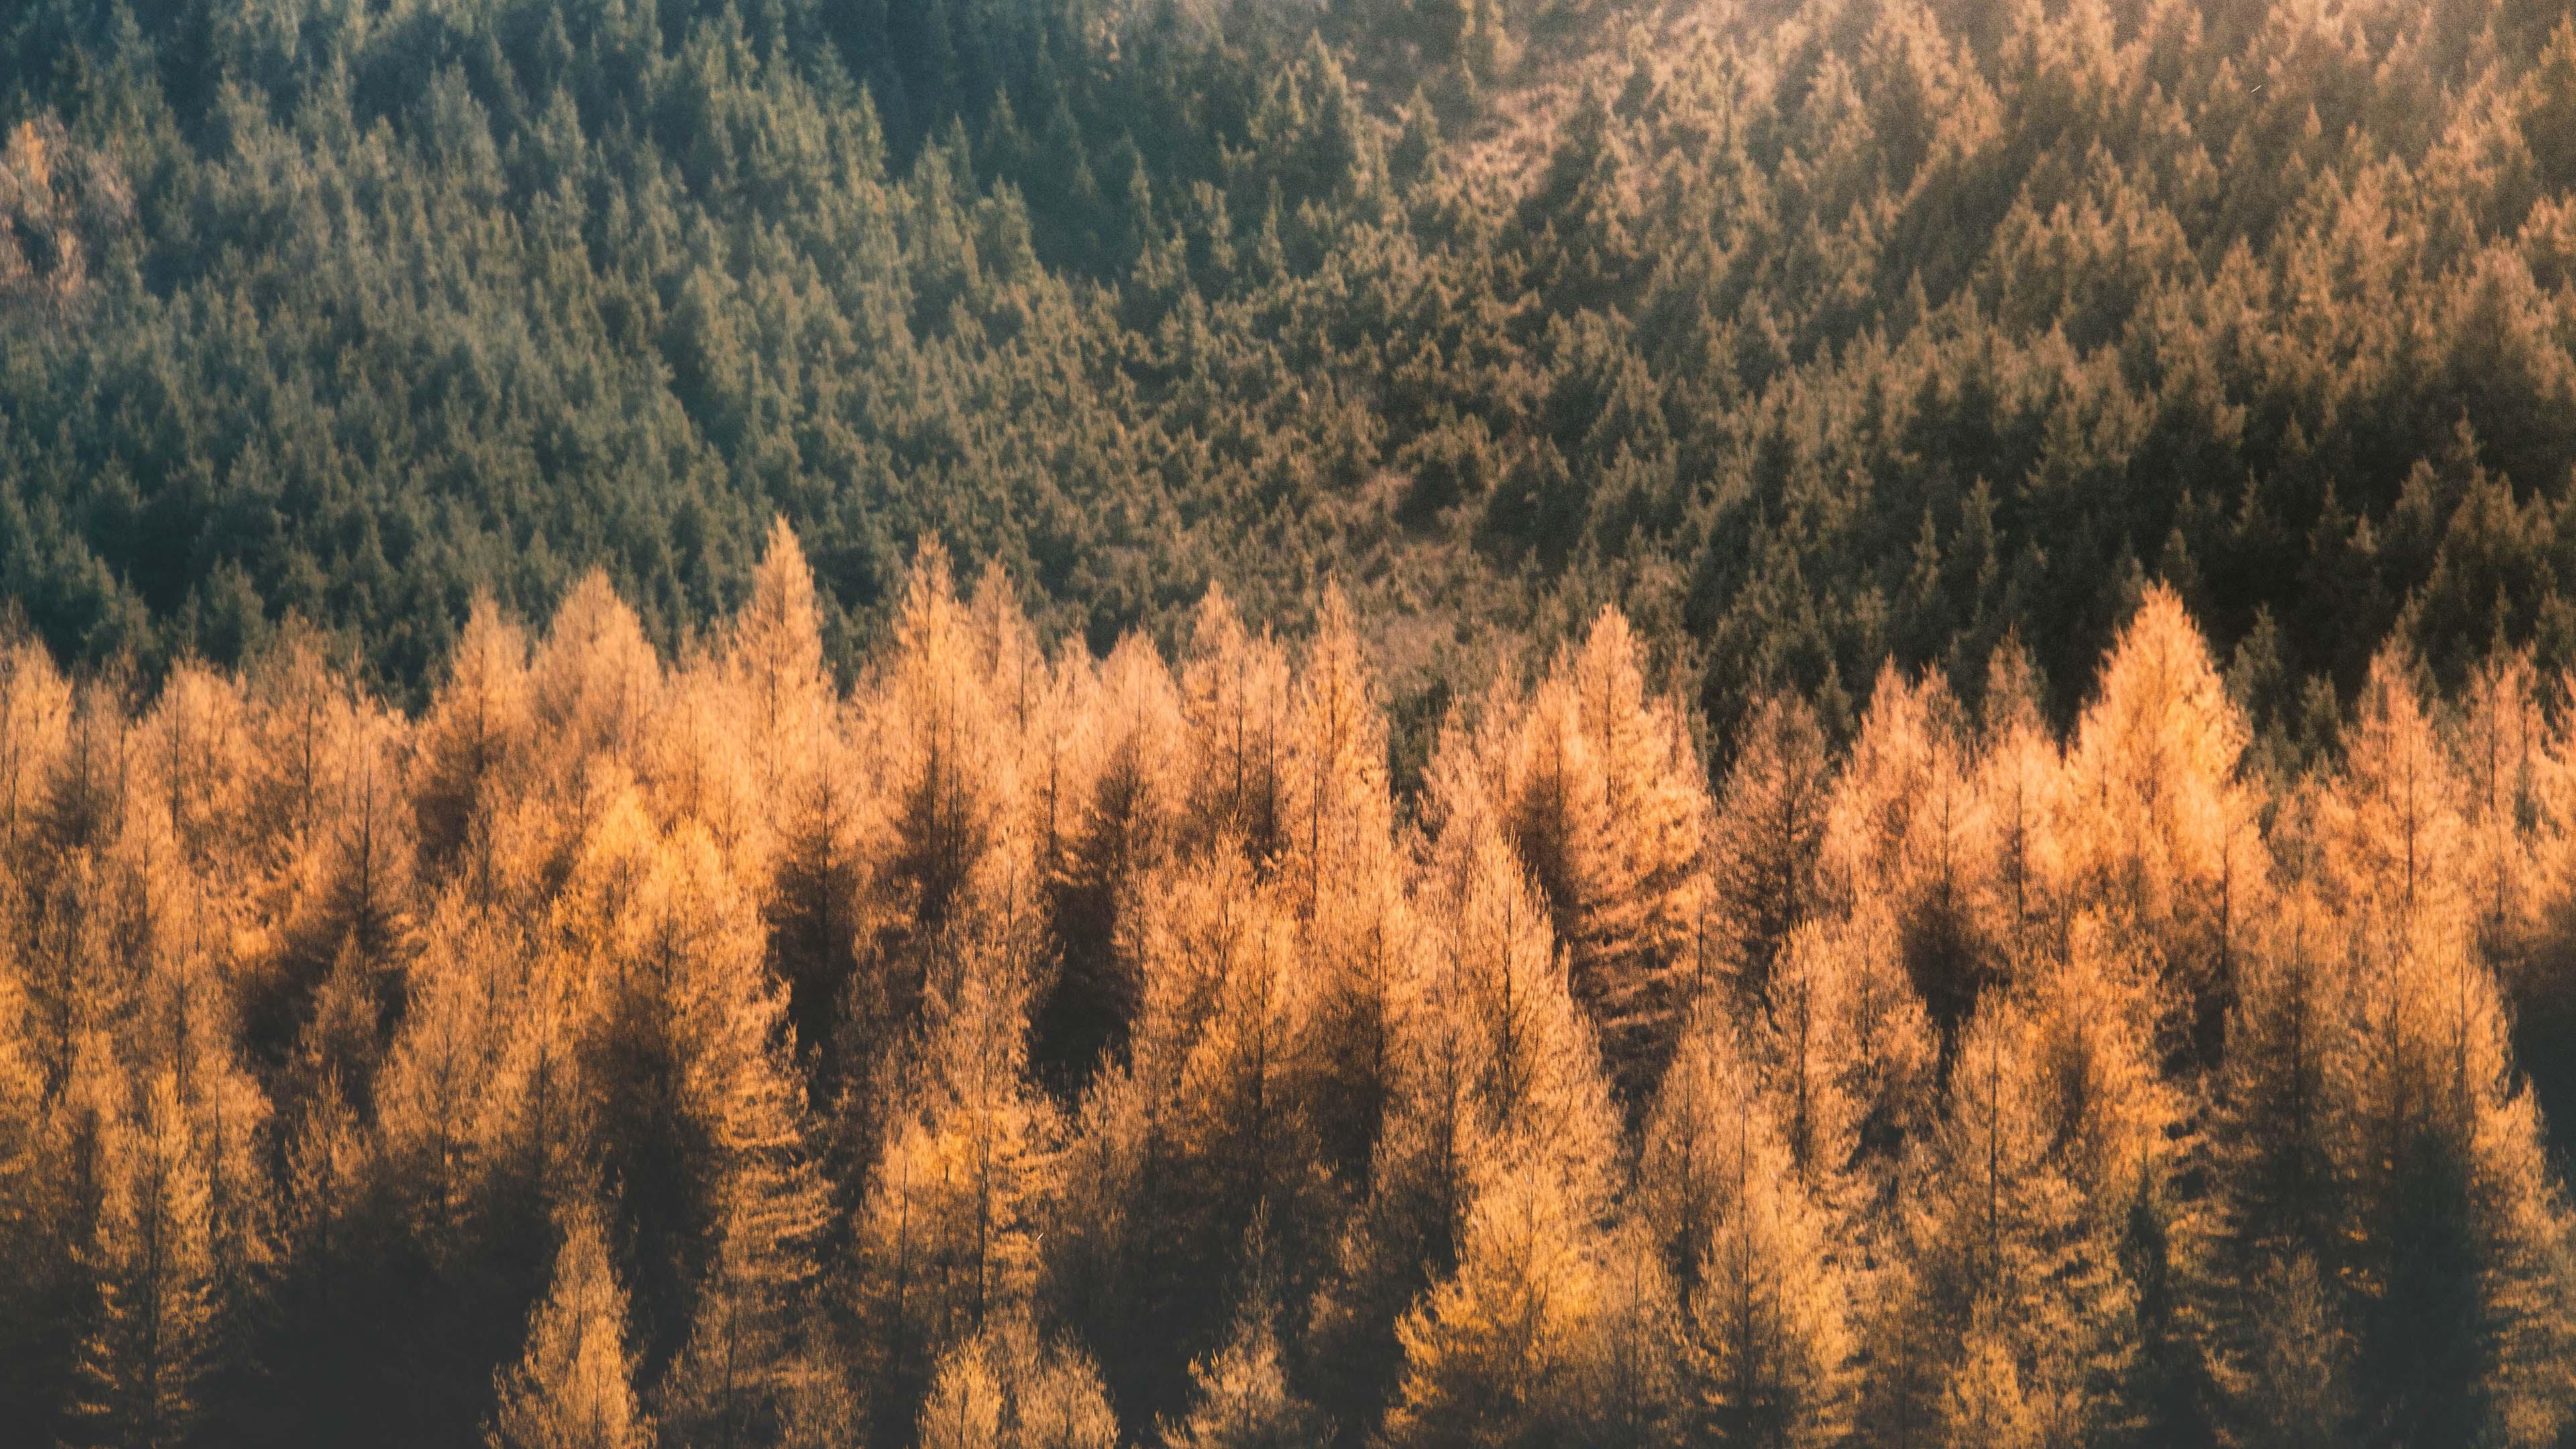 风景大片,秋意正浓,树林,针叶林,森林,林场